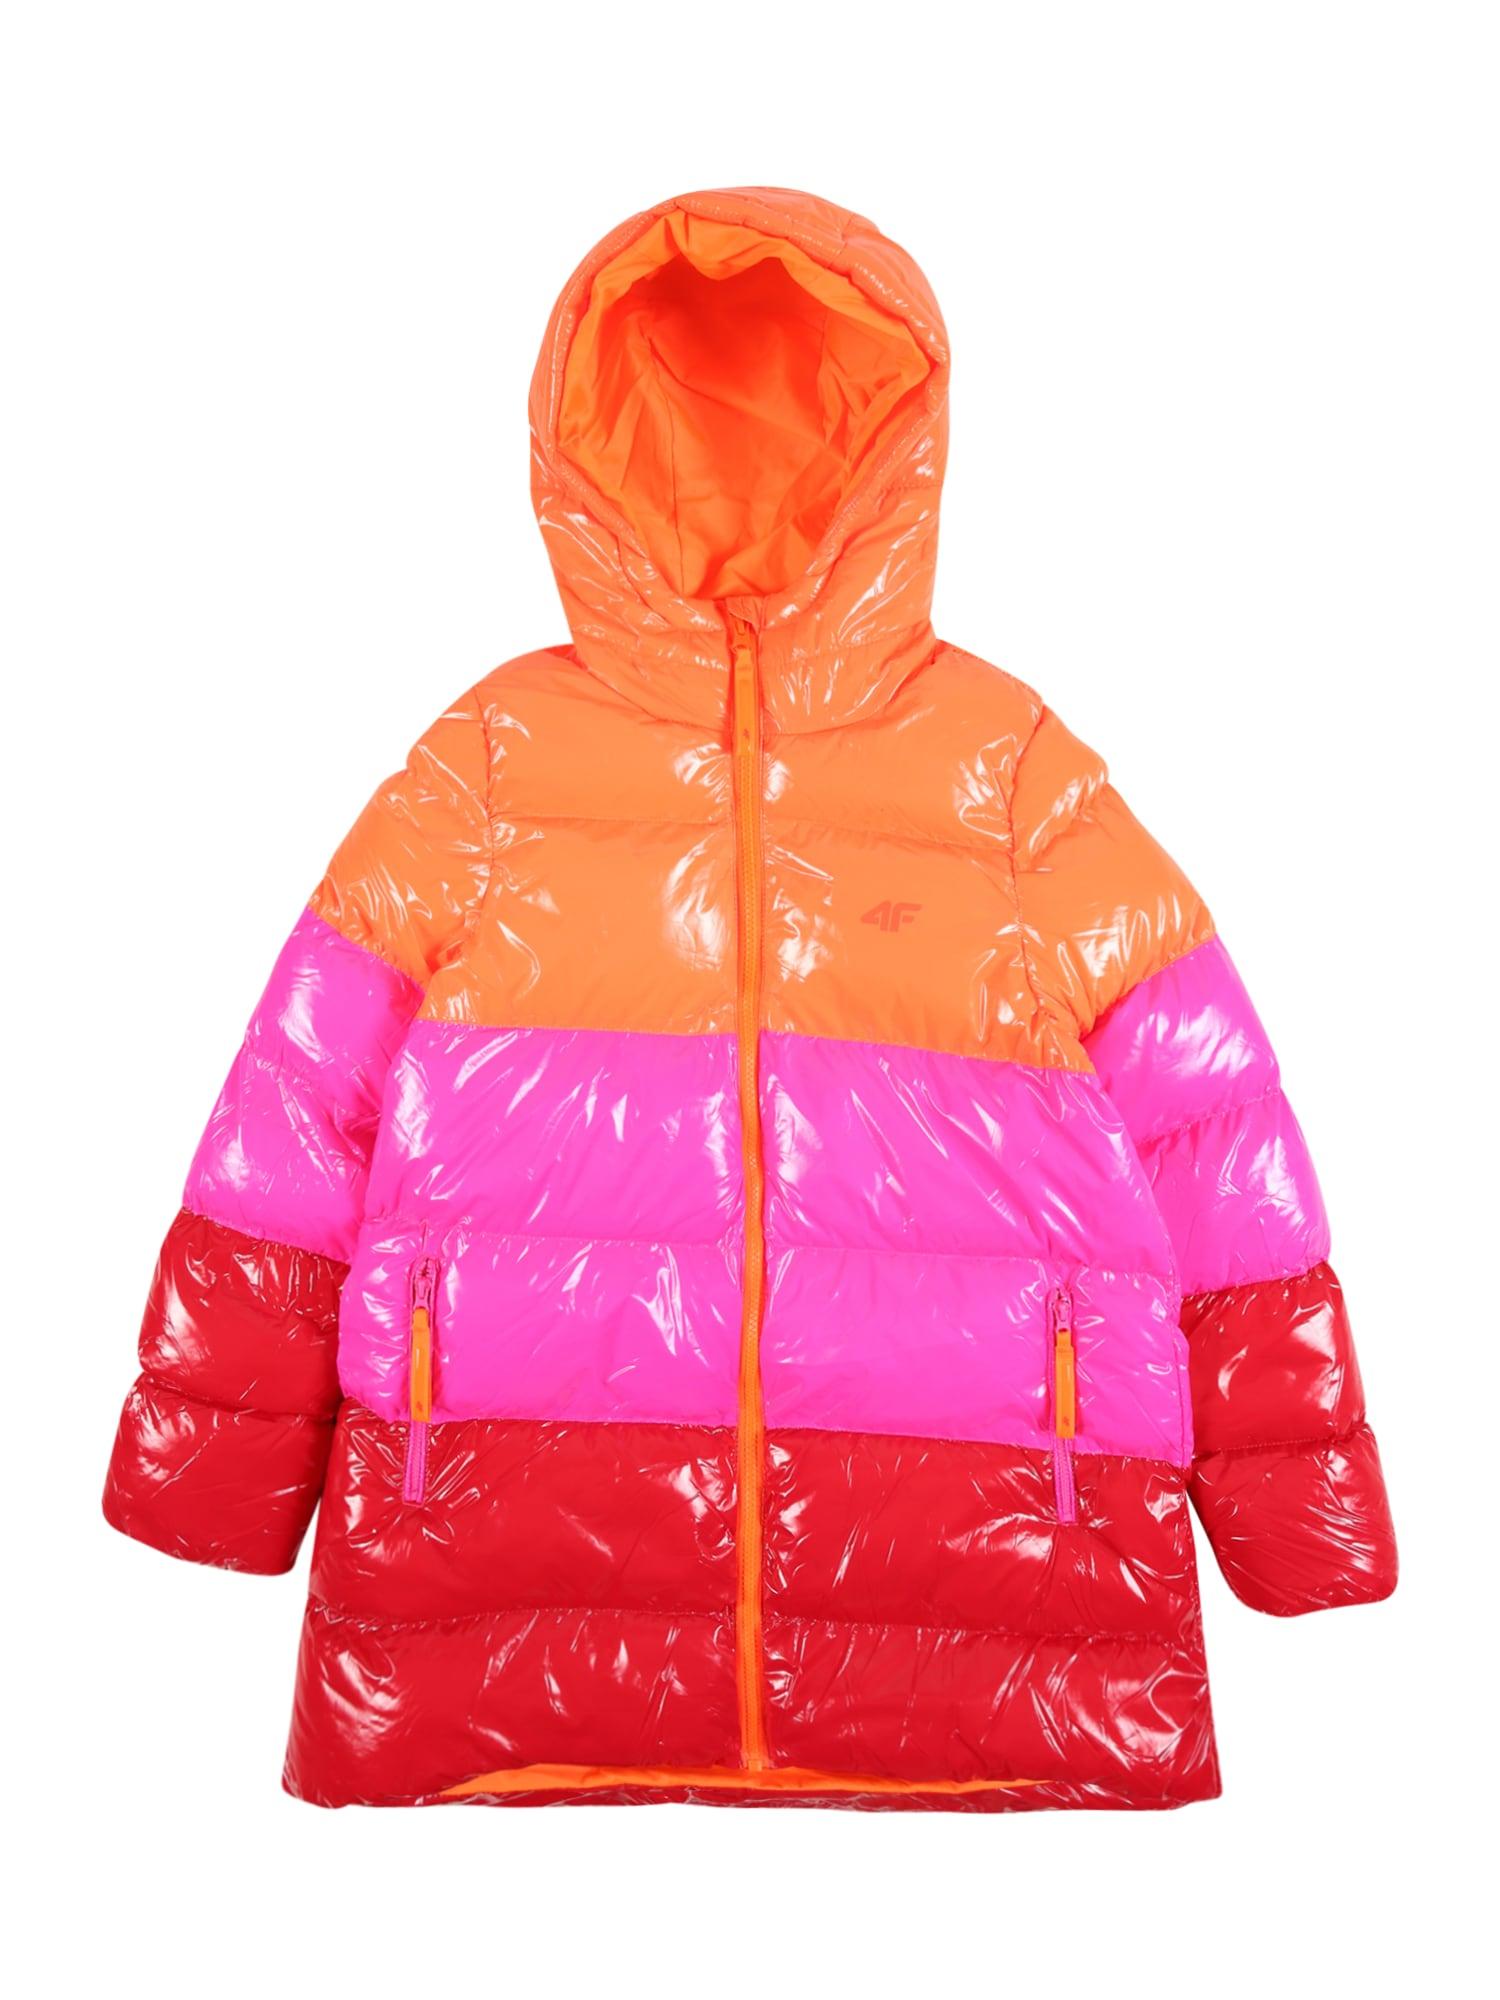 4F Laisvalaikio striukė oranžinė-raudona / ryškiai raudona / rožinė